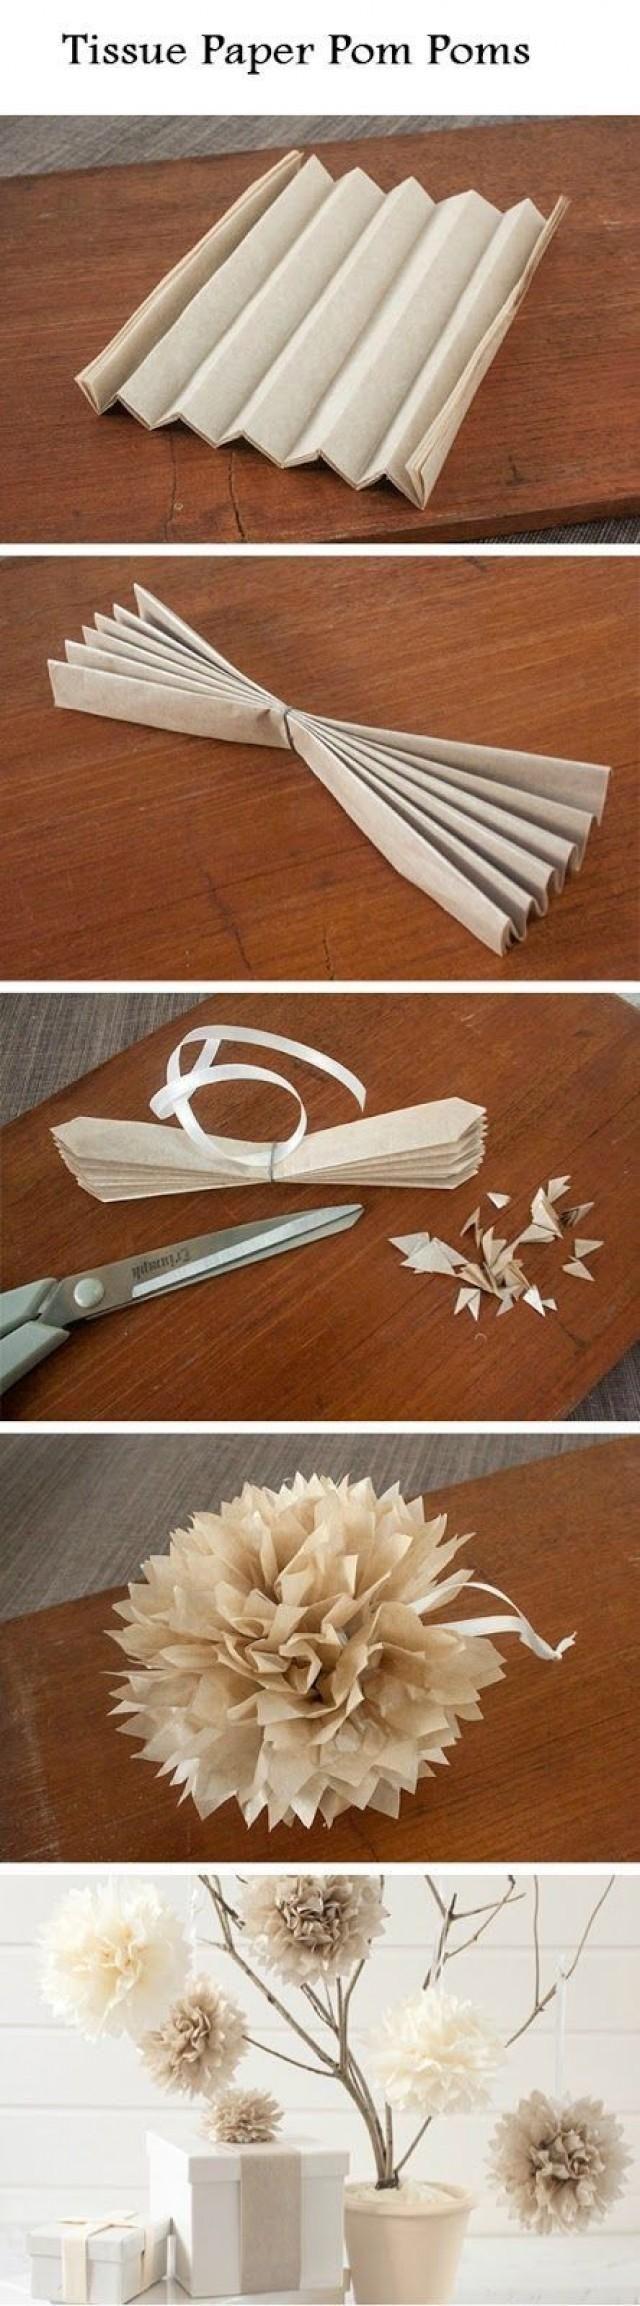 papier en tissu que nous pouvons faire des fleurs